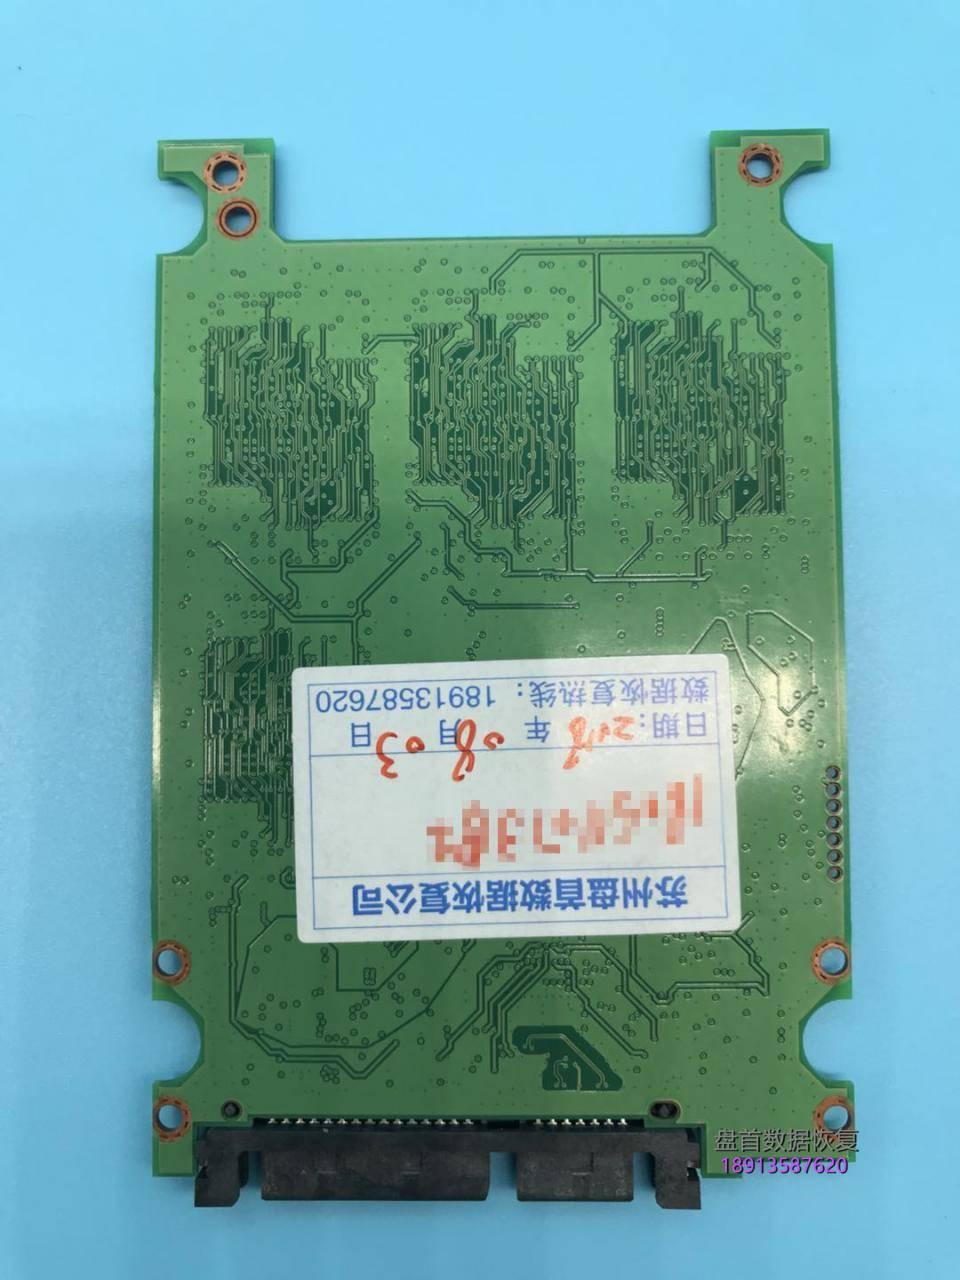 完美恢复三星840mz-7td120-ssd固态硬盘数据主控型号s4ln021x01-8030 完美恢复三星840MZ-7TD120 SSD固态硬盘数据主控型号S4LN021X01-8030